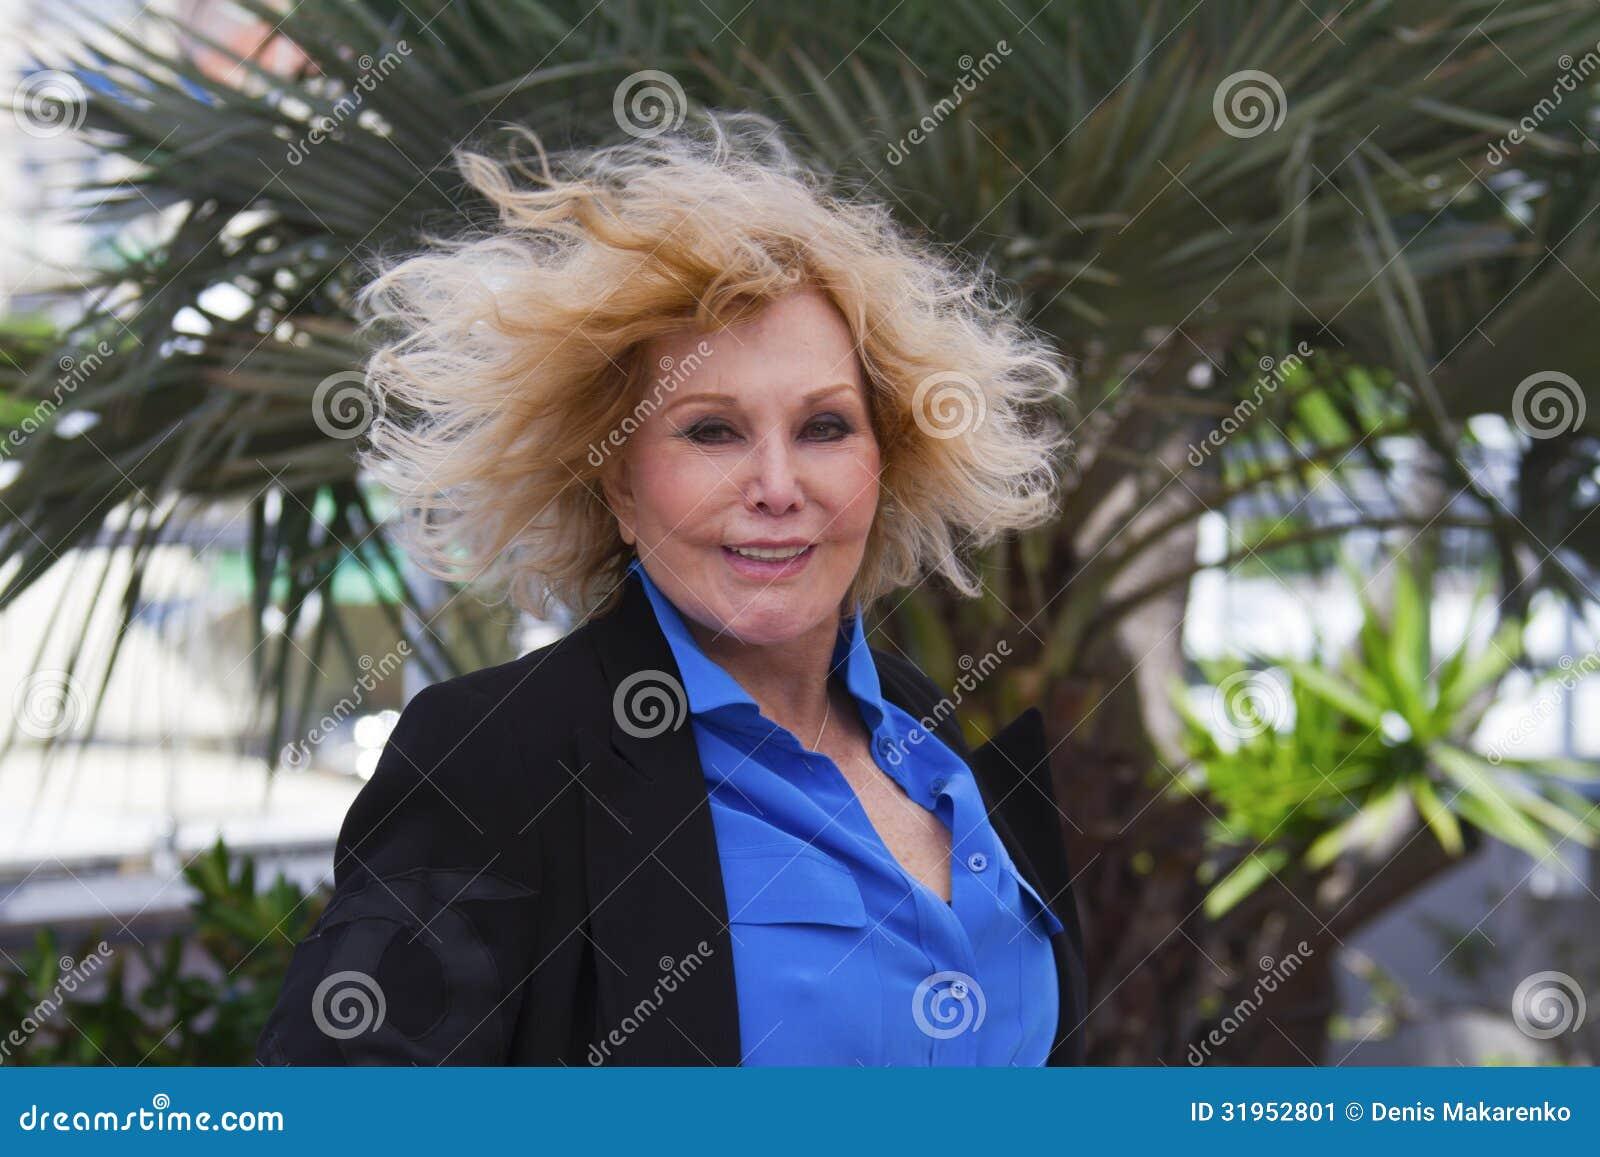 picture Wanda Hendrix